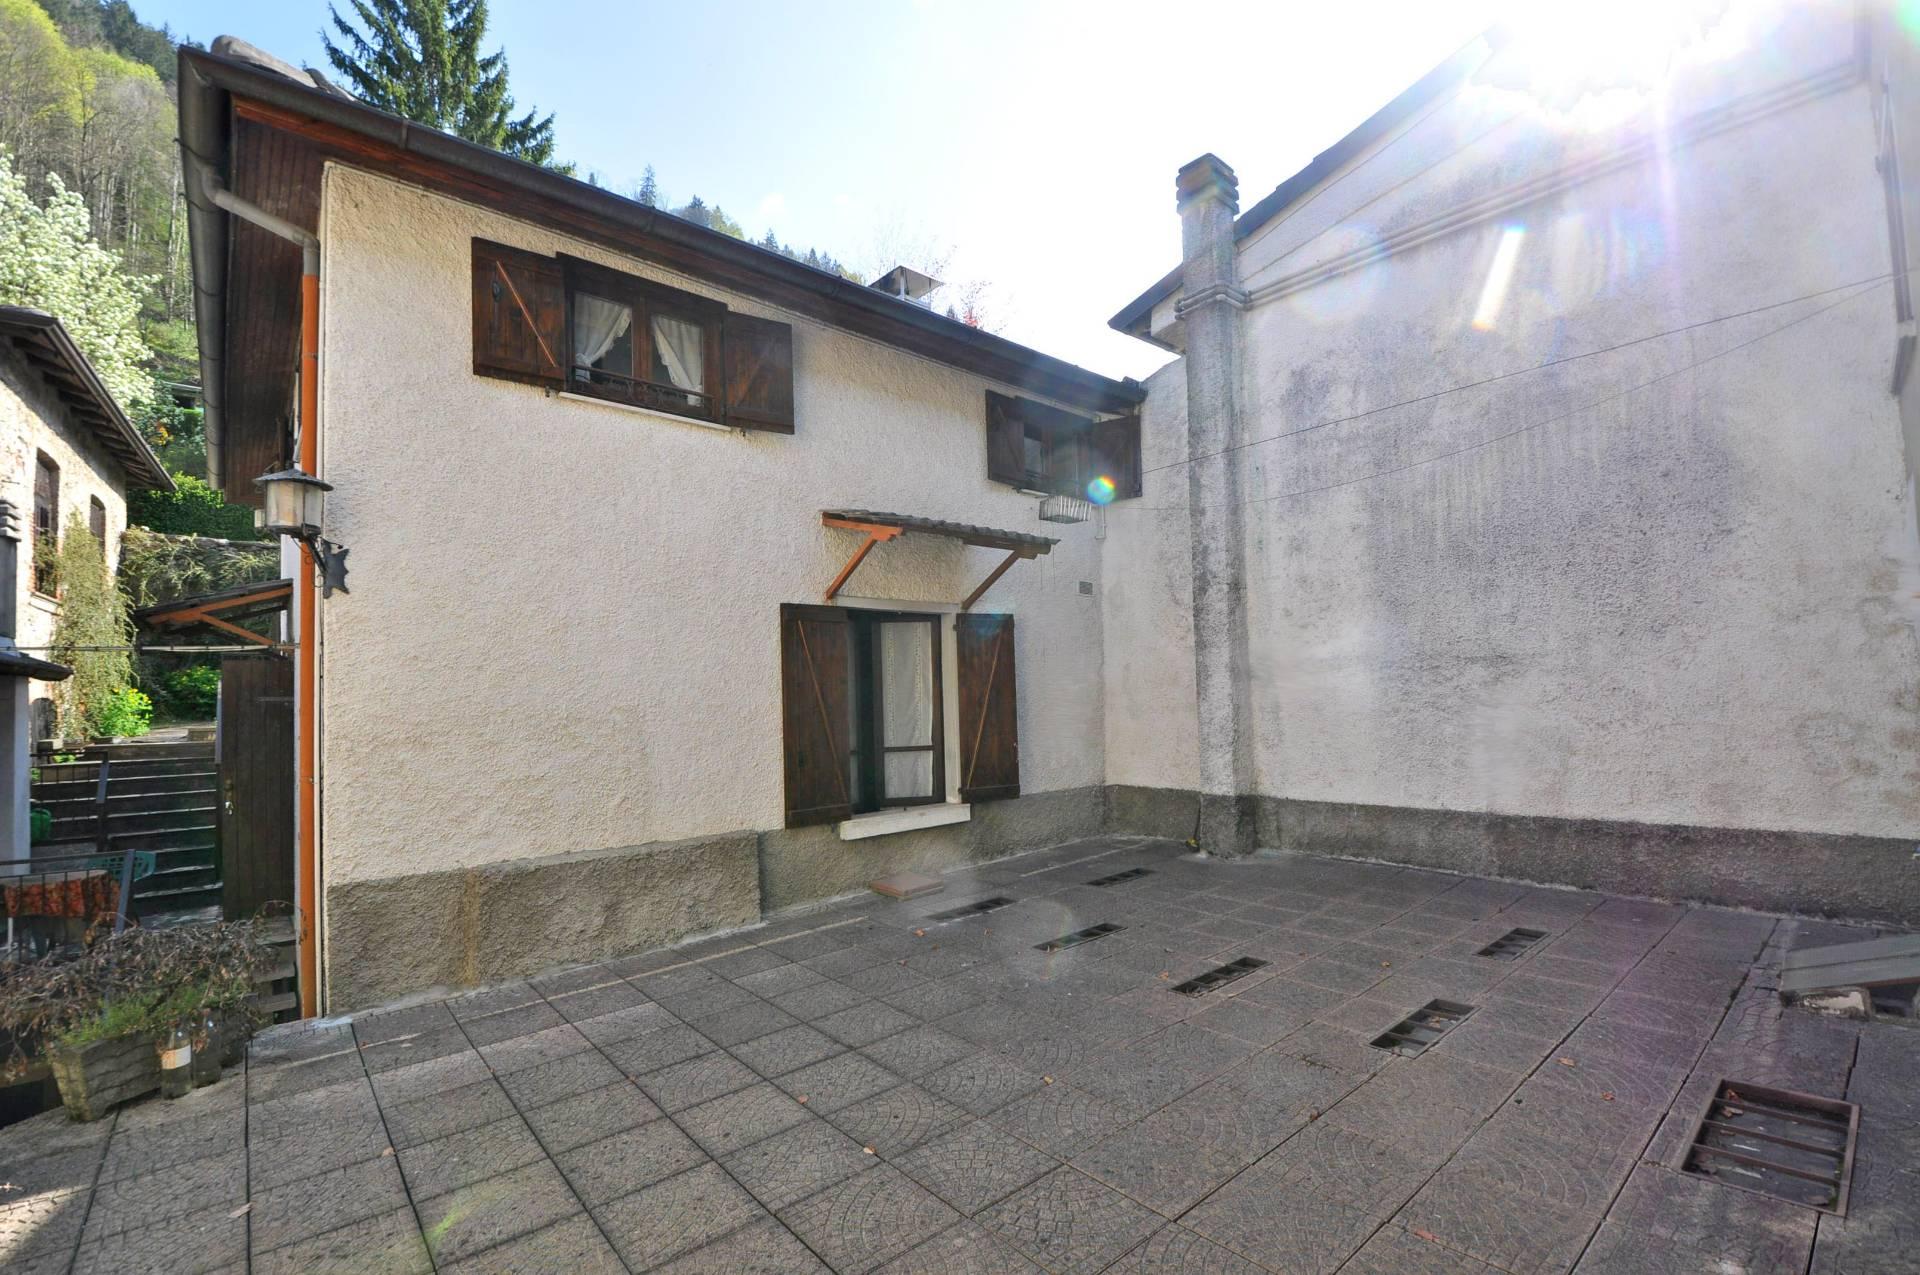 Appartamento in vendita a Piazza Brembana, 2 locali, prezzo € 23.000 | Cambio Casa.it